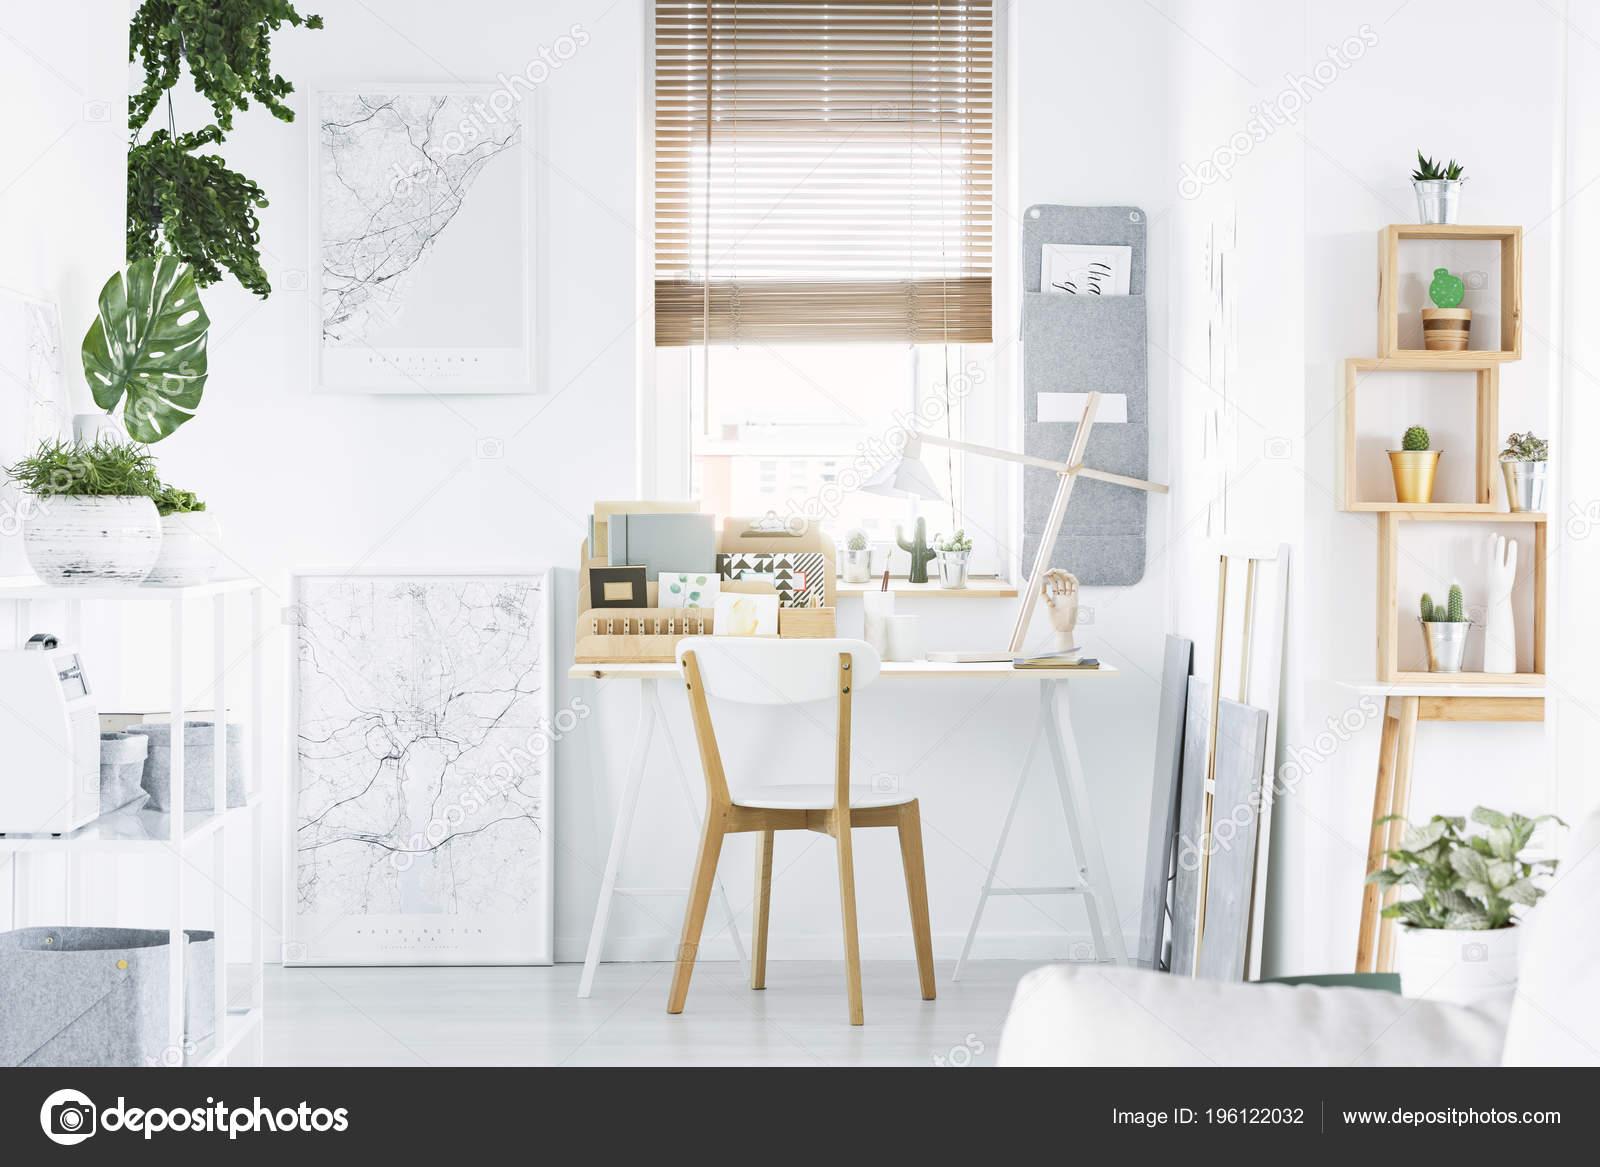 Intérieur lumineux bureau maison avec bureau chaise bois Étagère